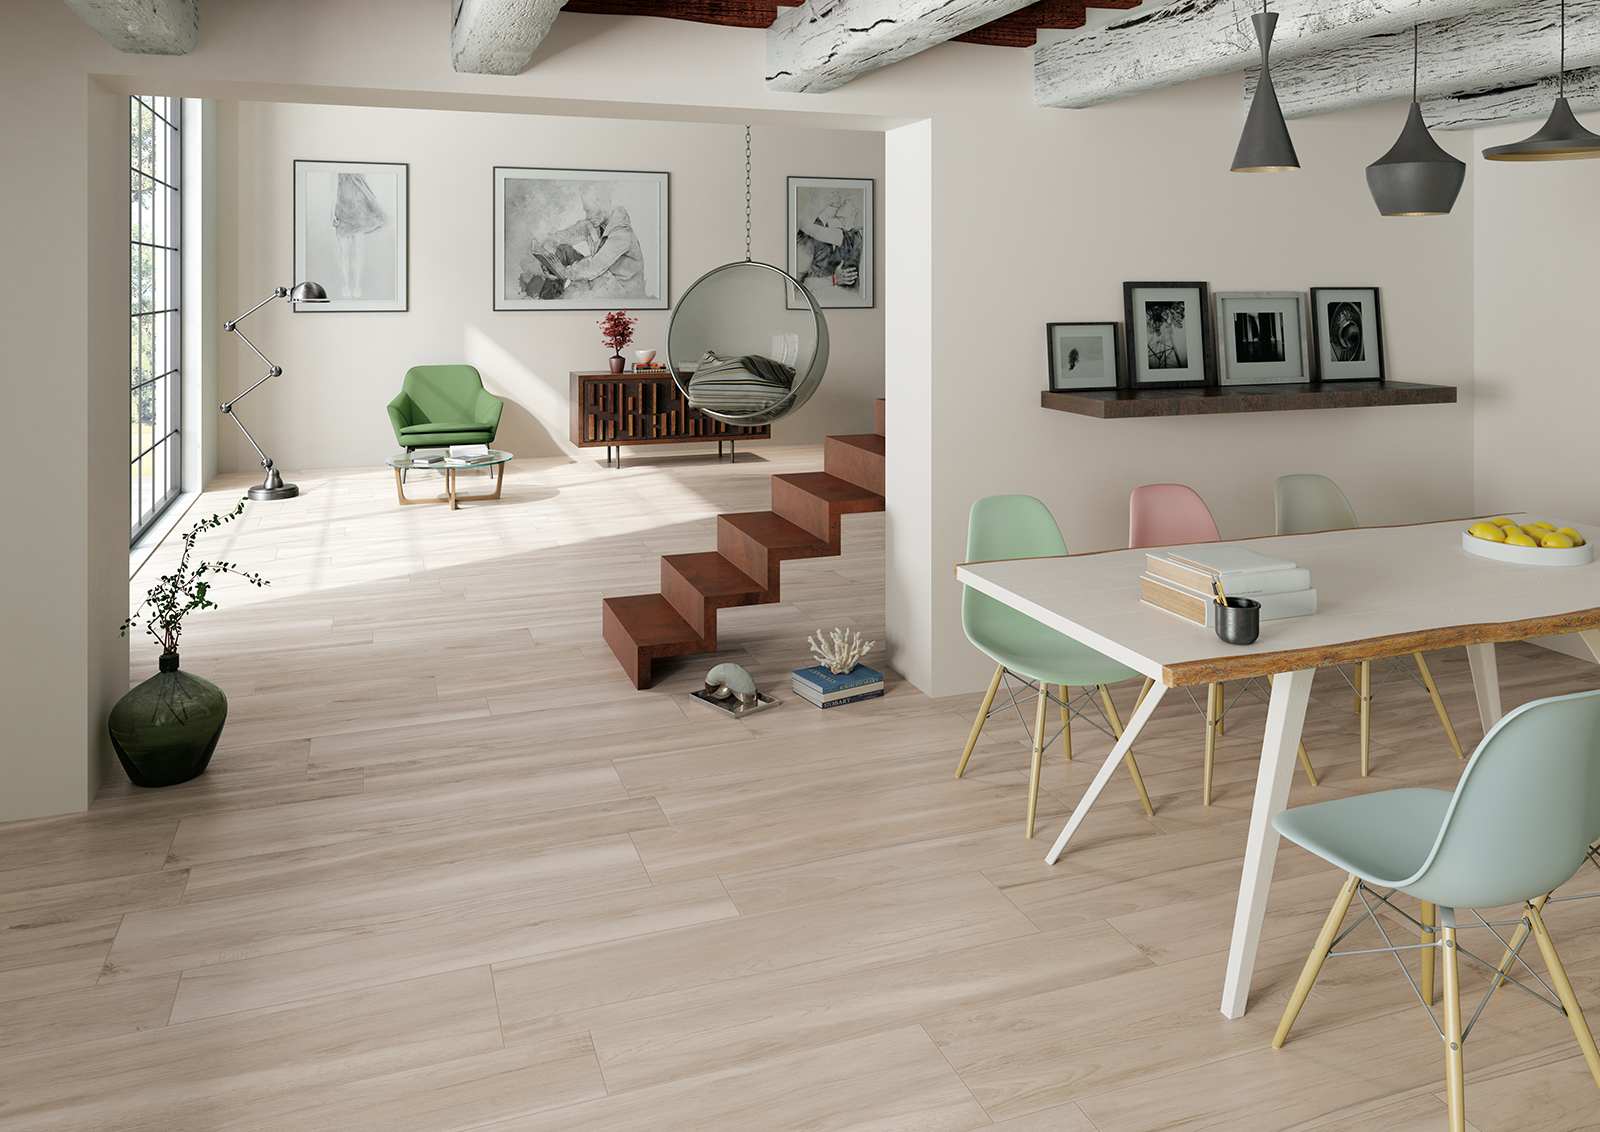 Pavimenti Effetto Legno Tortora : Serie silverline pavimenti e rivestimenti armonie ceramiche